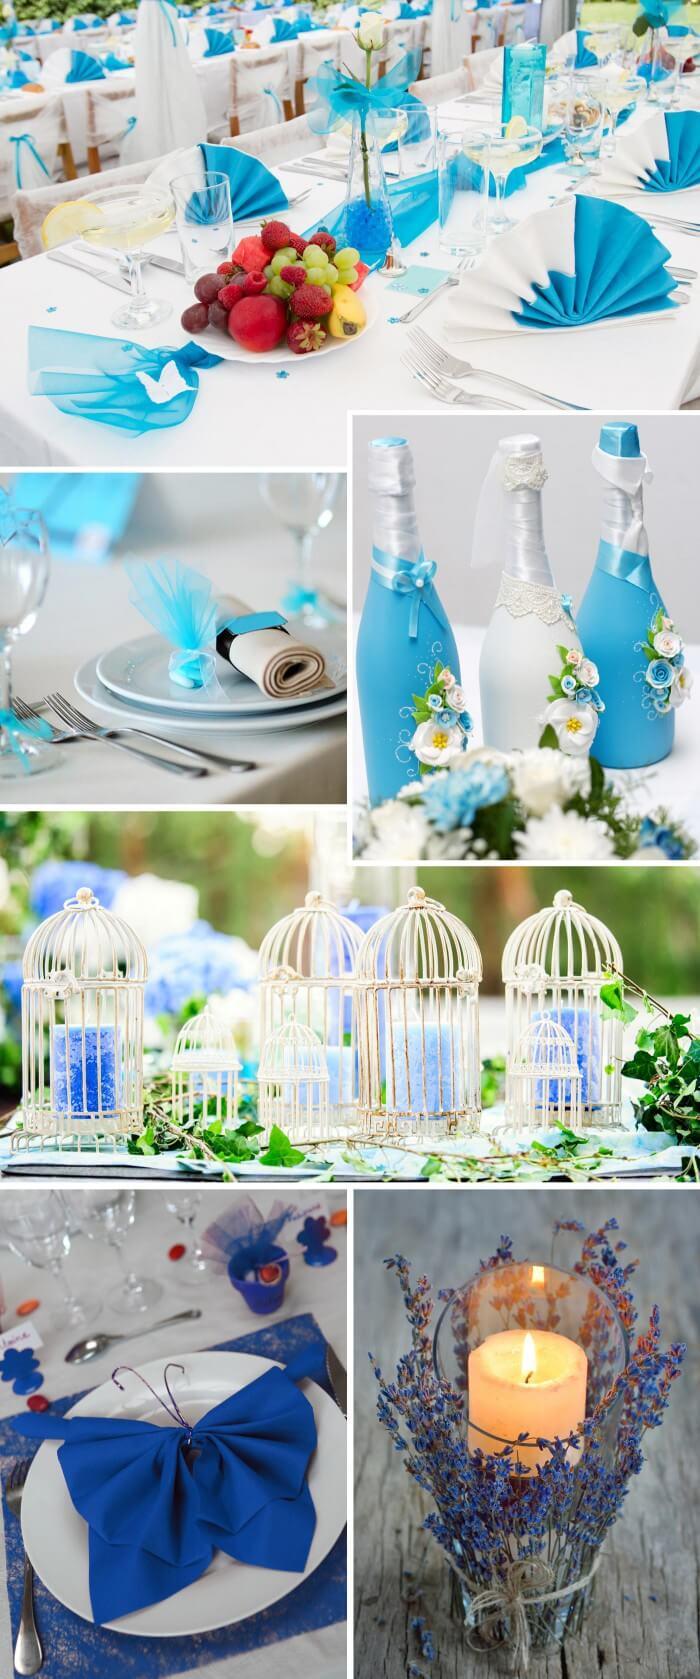 Hochzeit in Türkis und Blau